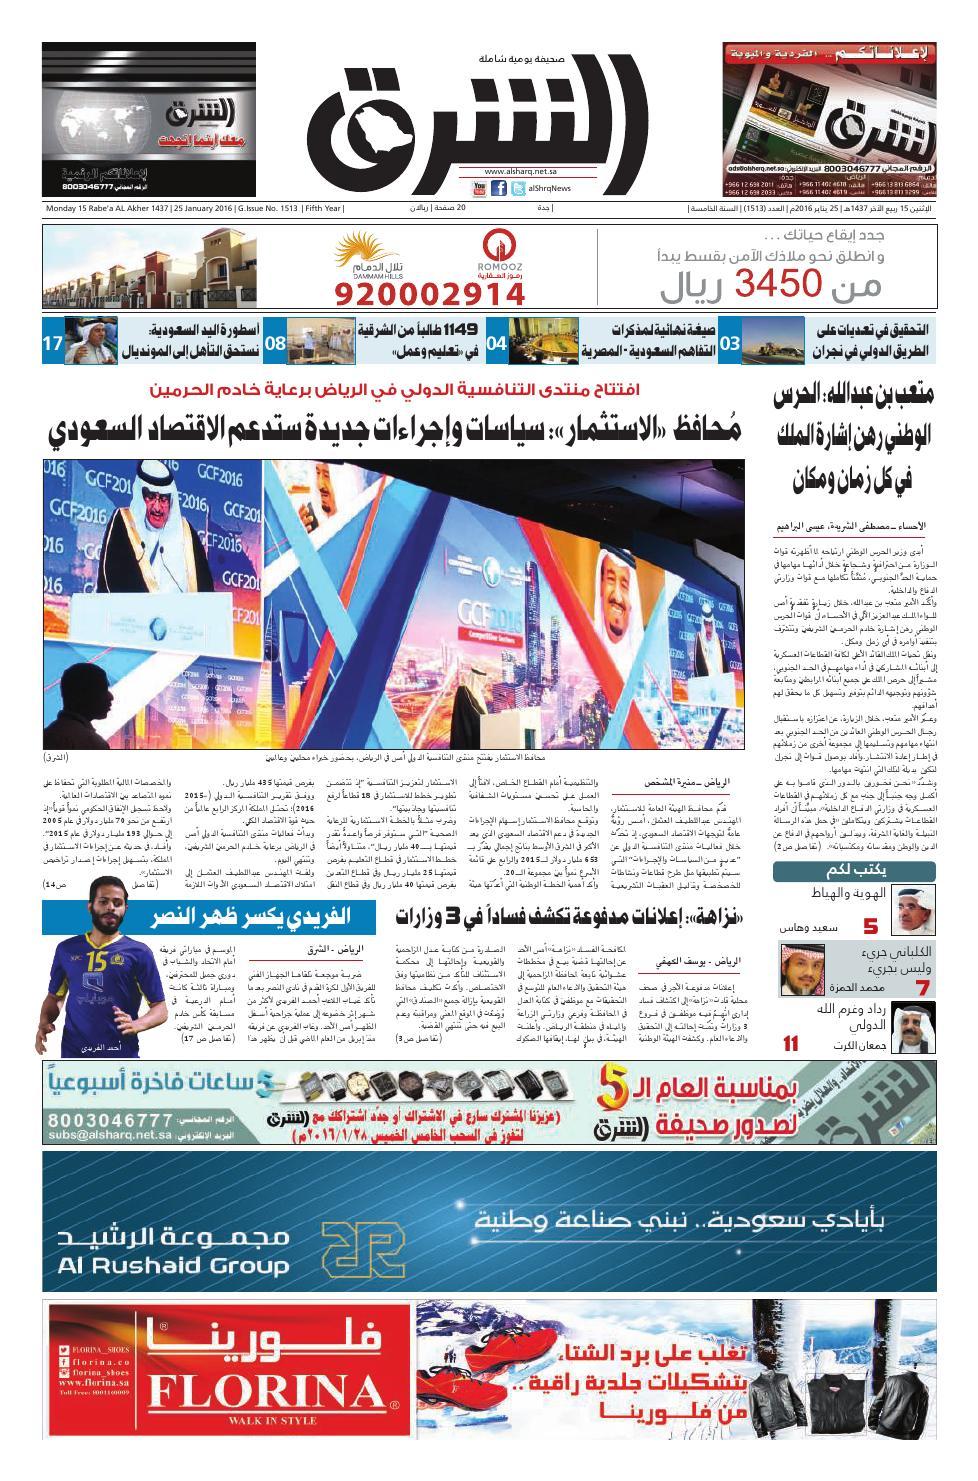 687e0091a5247 صحيفة الشرق - العدد 1513 - نسخة جدة by صحيفة الشرق السعودية - issuu